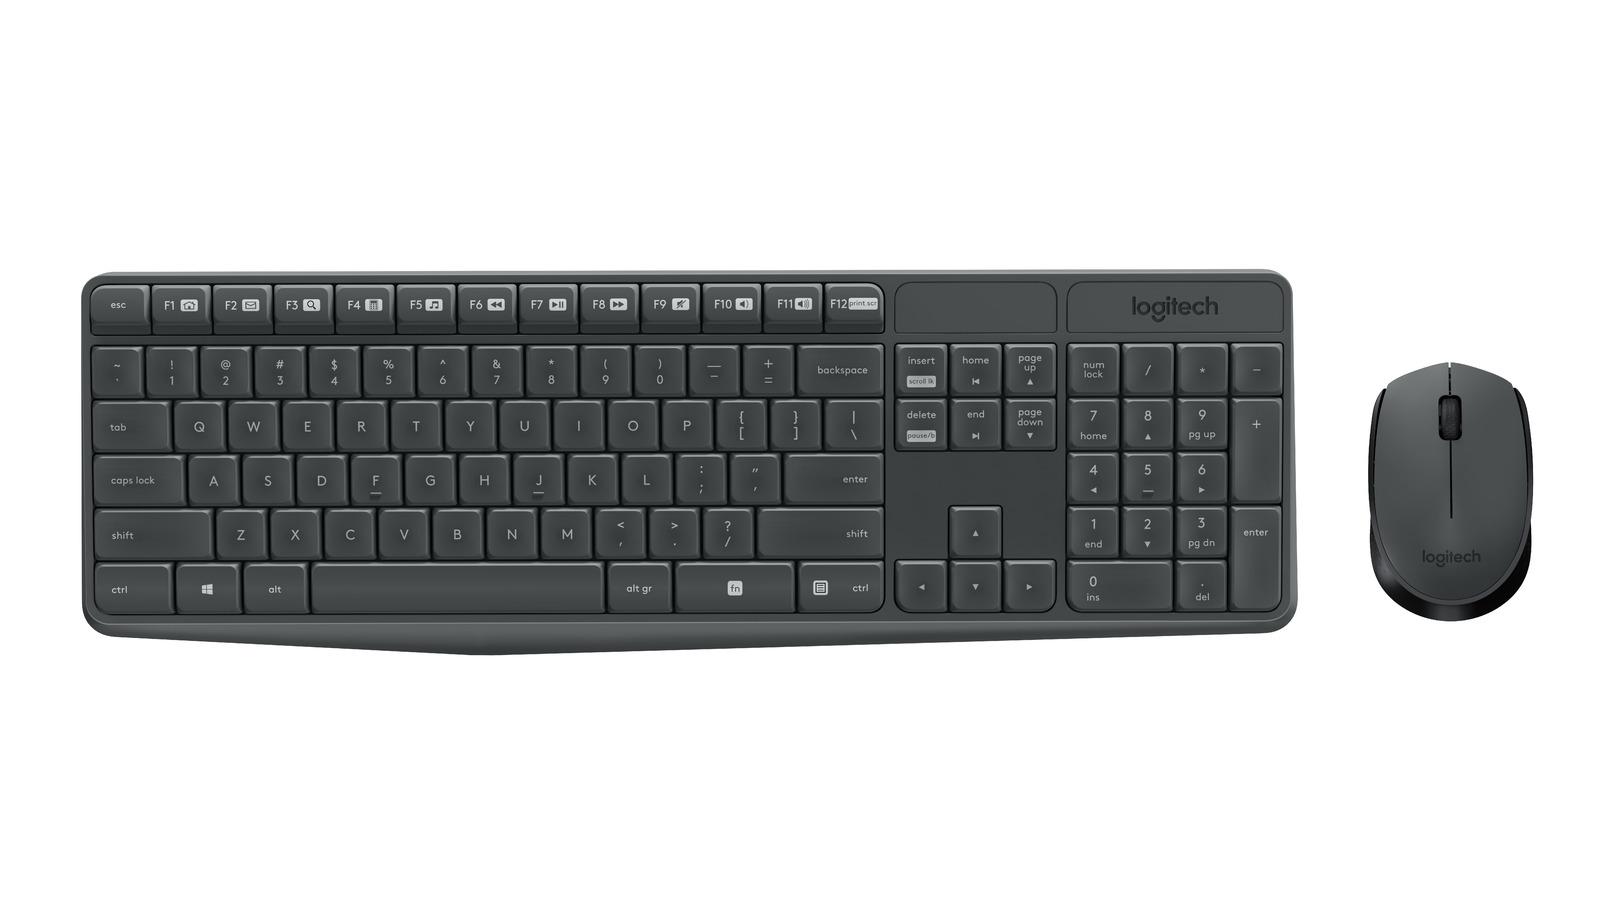 Logitech MK235 Wireless Keyboard and Mouse Combo image